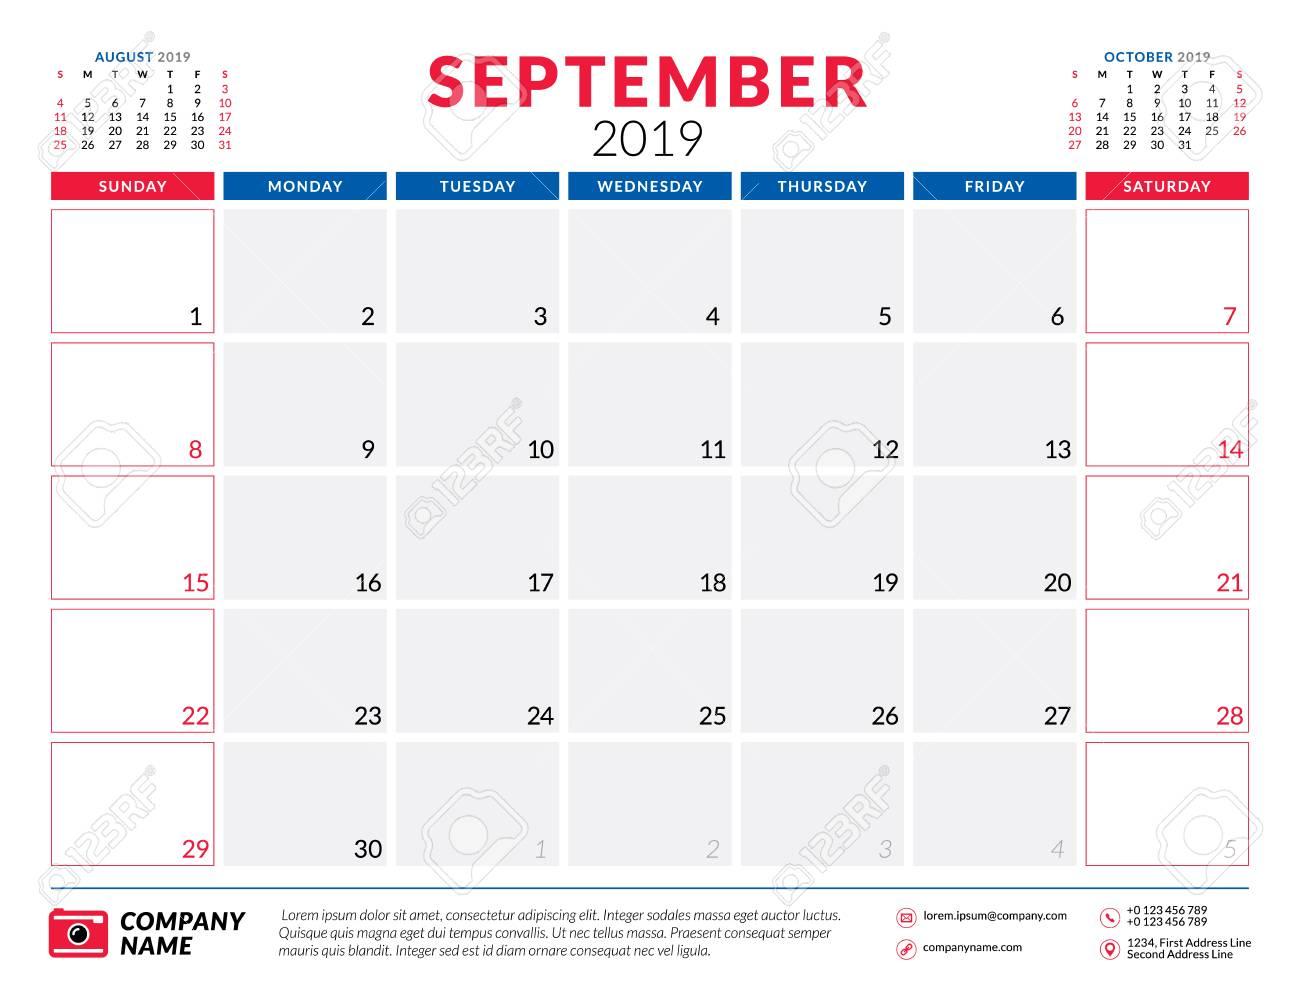 Calendar Planner September 2019.September 2019 Calendar Planner Stationery Design Template